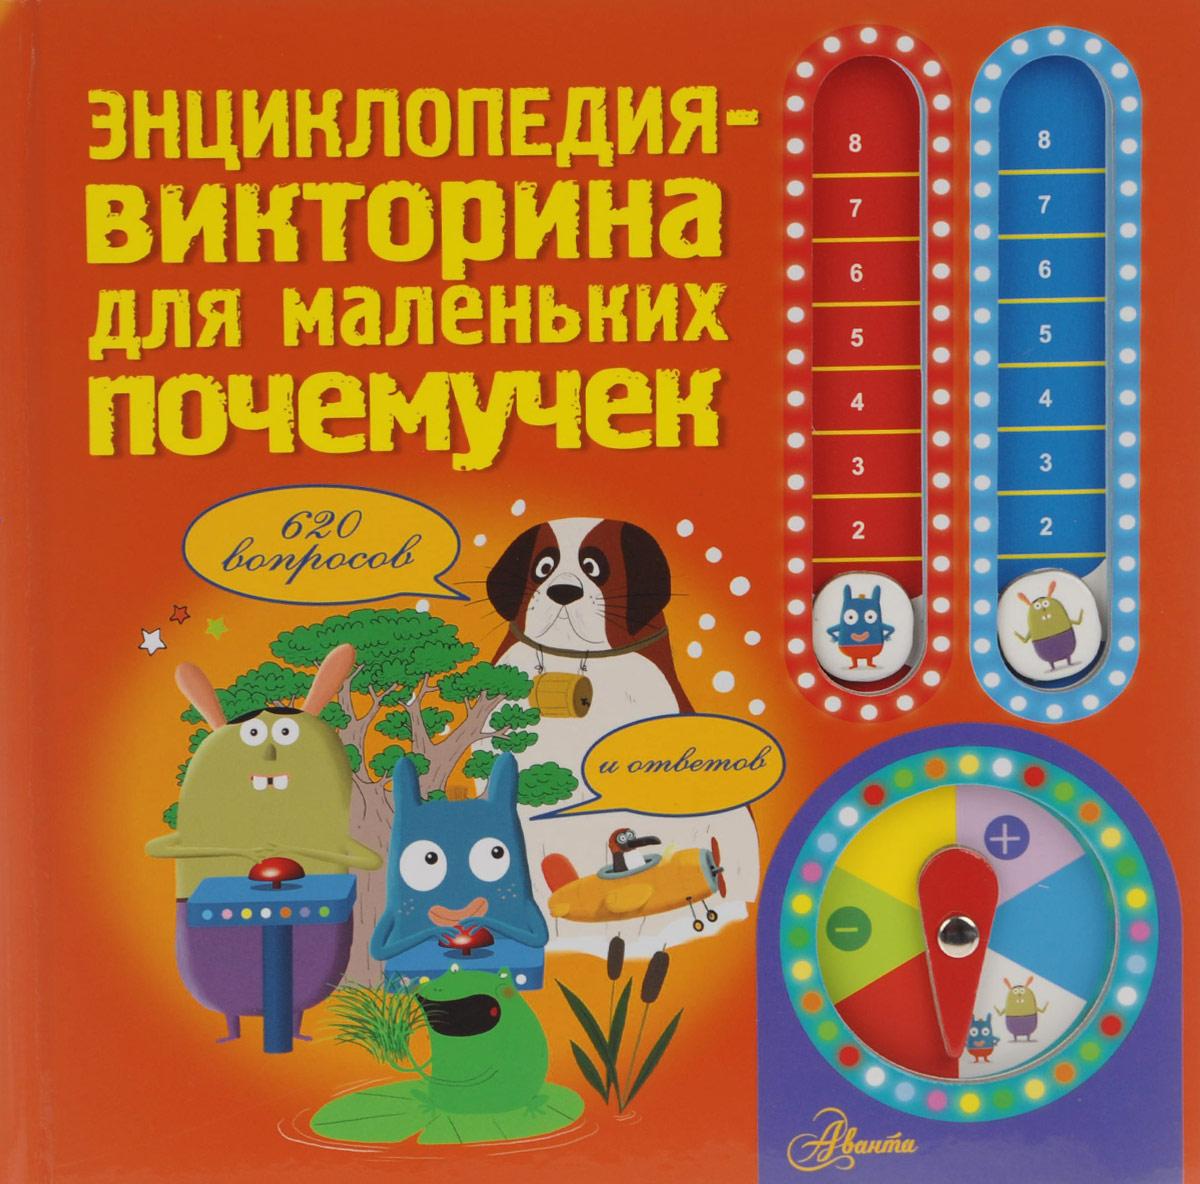 Энциклопедия-викторина для маленьких почемучек12296407В этой удивительной красочной книге, которая одновременно и энциклопедия, и викторина, собрано 620 занимательных вопросов и ответов на них для самых маленьких почемучек. Это не просто полезная и содержательная книга для малышей, но и веселая игра - в ней есть круг с вертящейся стрелкой для выбора вопросов и приспособление для счета очков. Ребенок может играть сам: веселые зверьки Глазастик и Ушастик ждут его на каждой странице. Можно позвать брата или сестру, друга или родителей, которым тоже скучать не придется, потому что на каждой странице есть специальный вопрос для взрослых. Для старшего дошкольного и младшего школьного возраста.